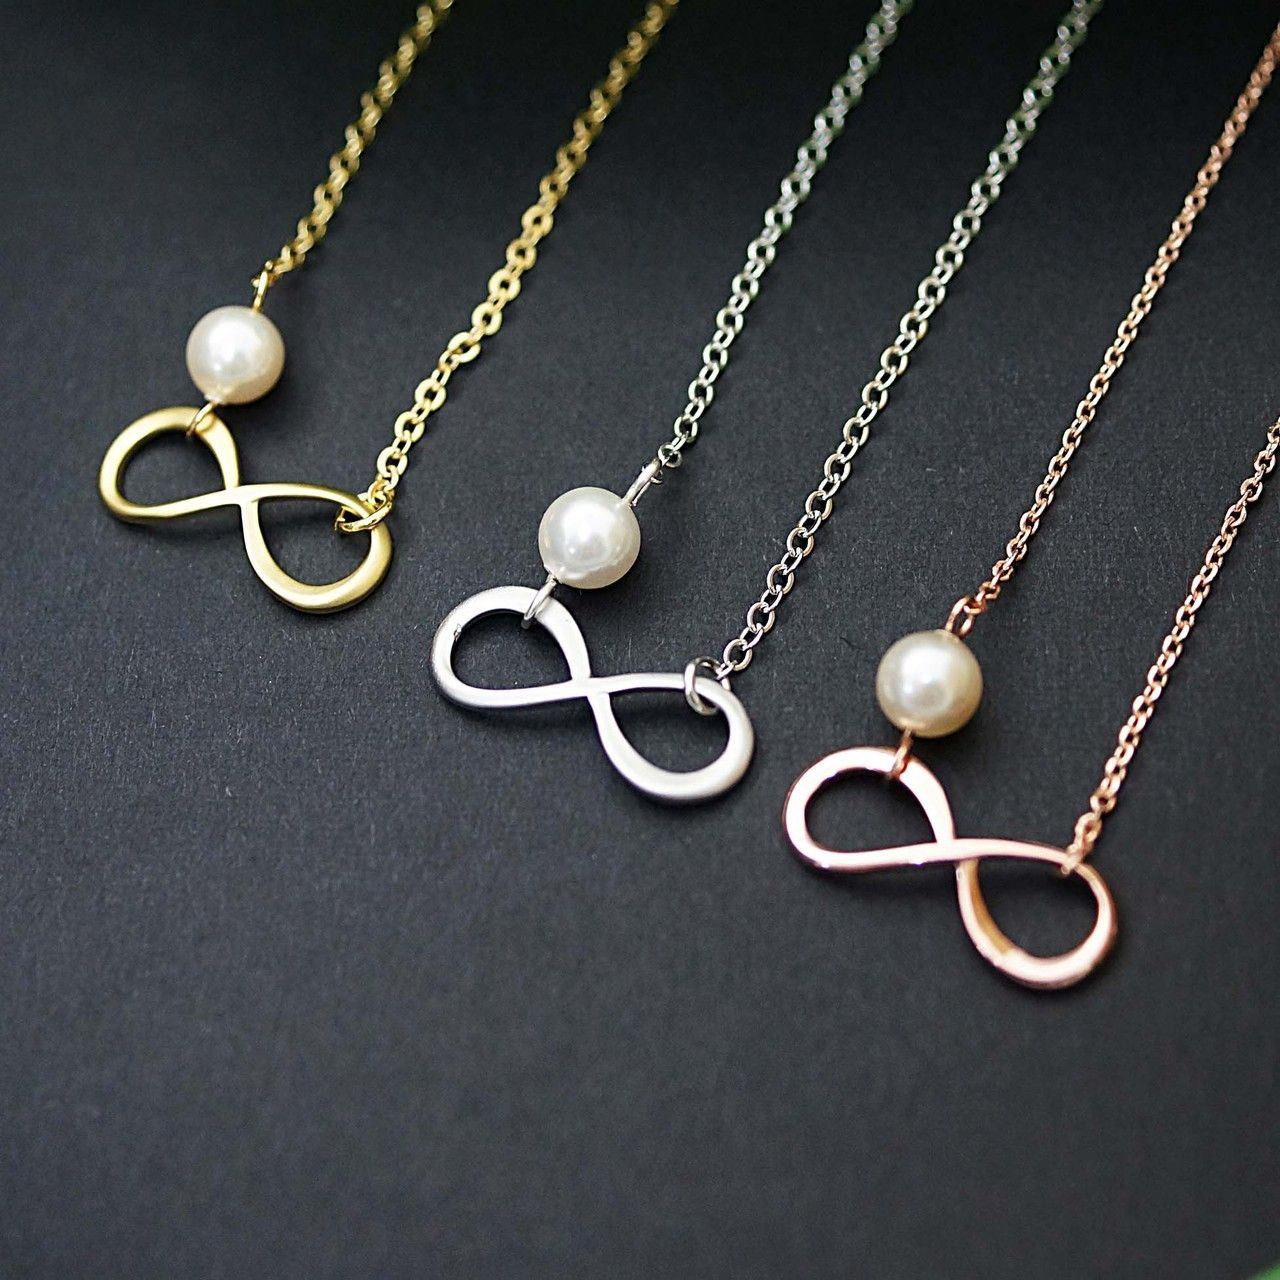 Infinity charm with swarovski pearl necklace